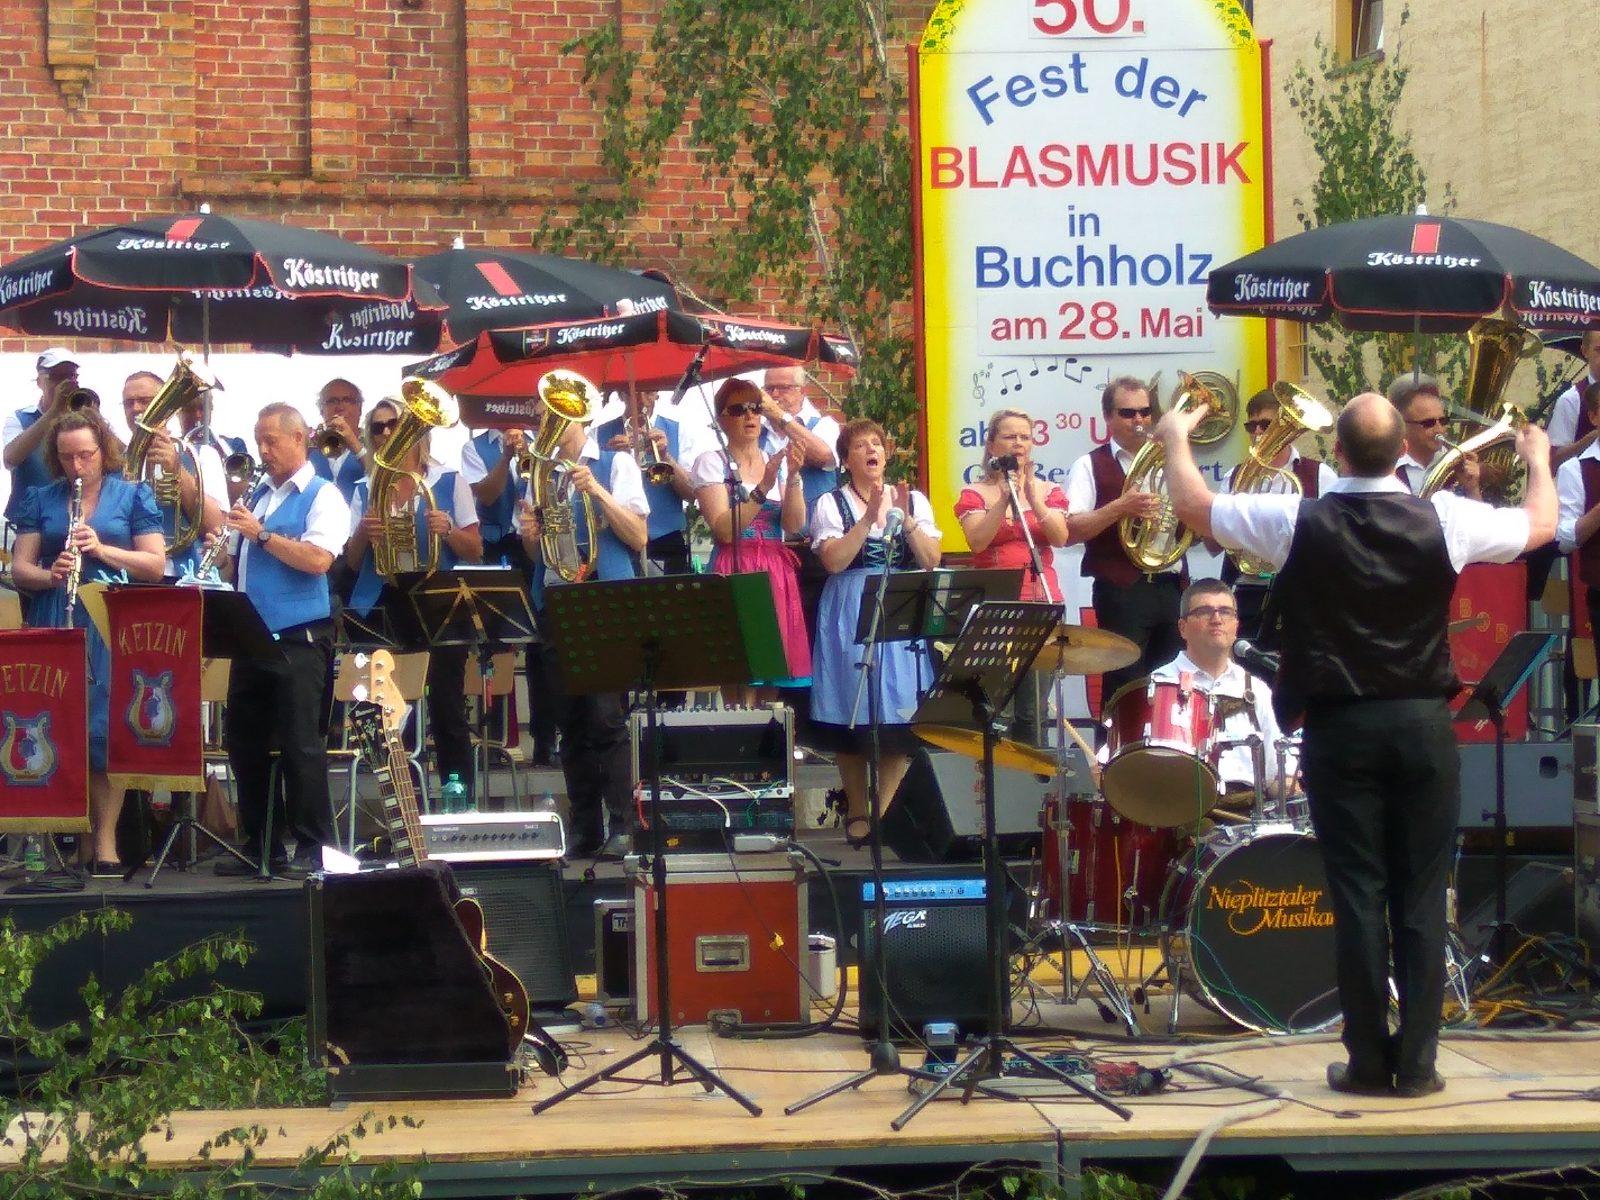 Großes Finale beim Blasmusikfest in Buchholz 28.05.2017